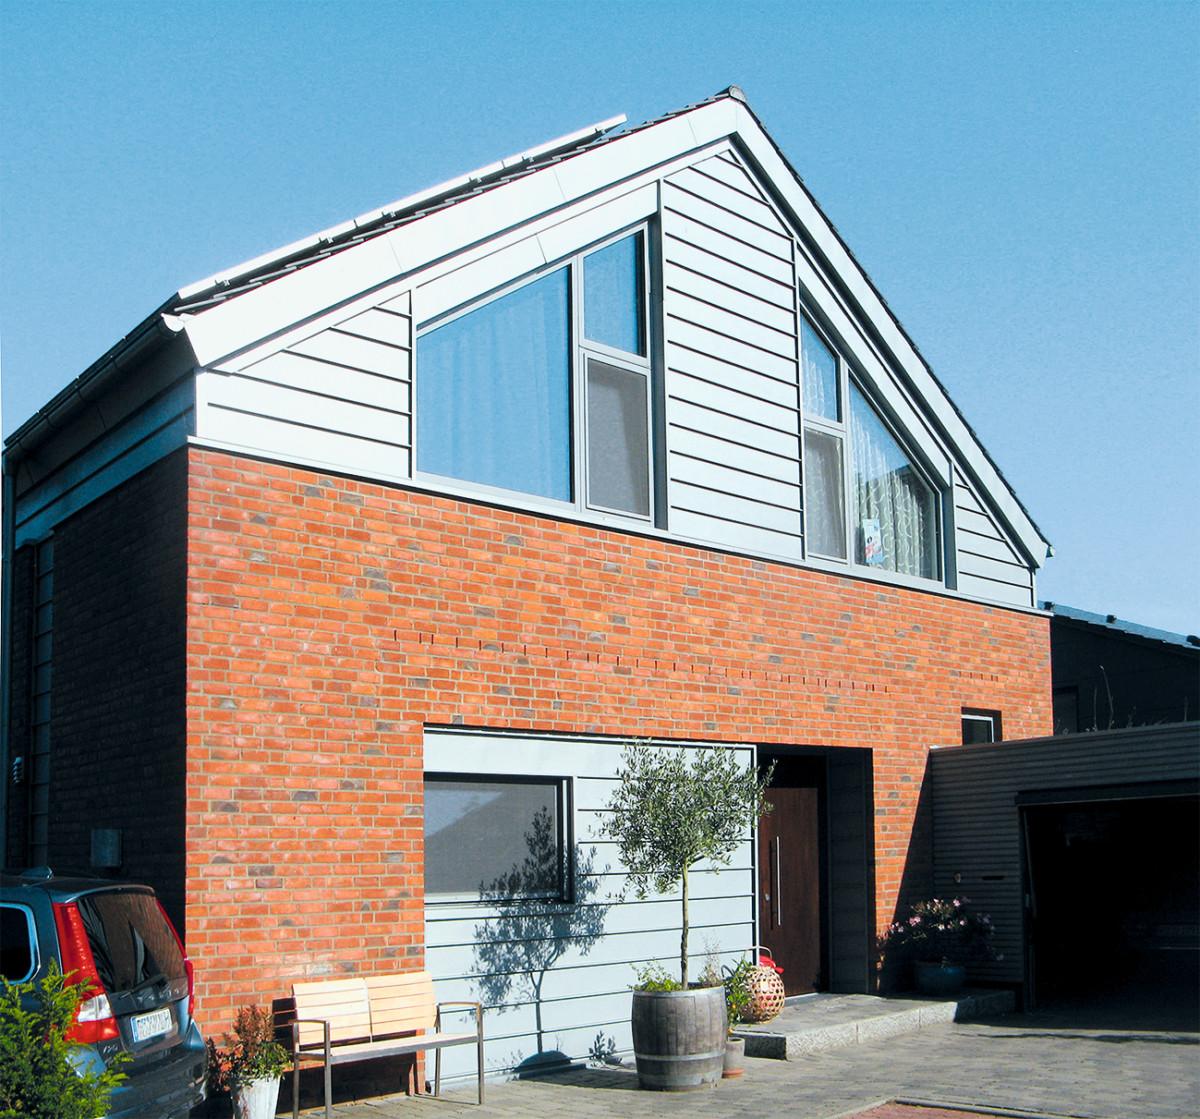 Frei Gestaltete Fassadenlösungen